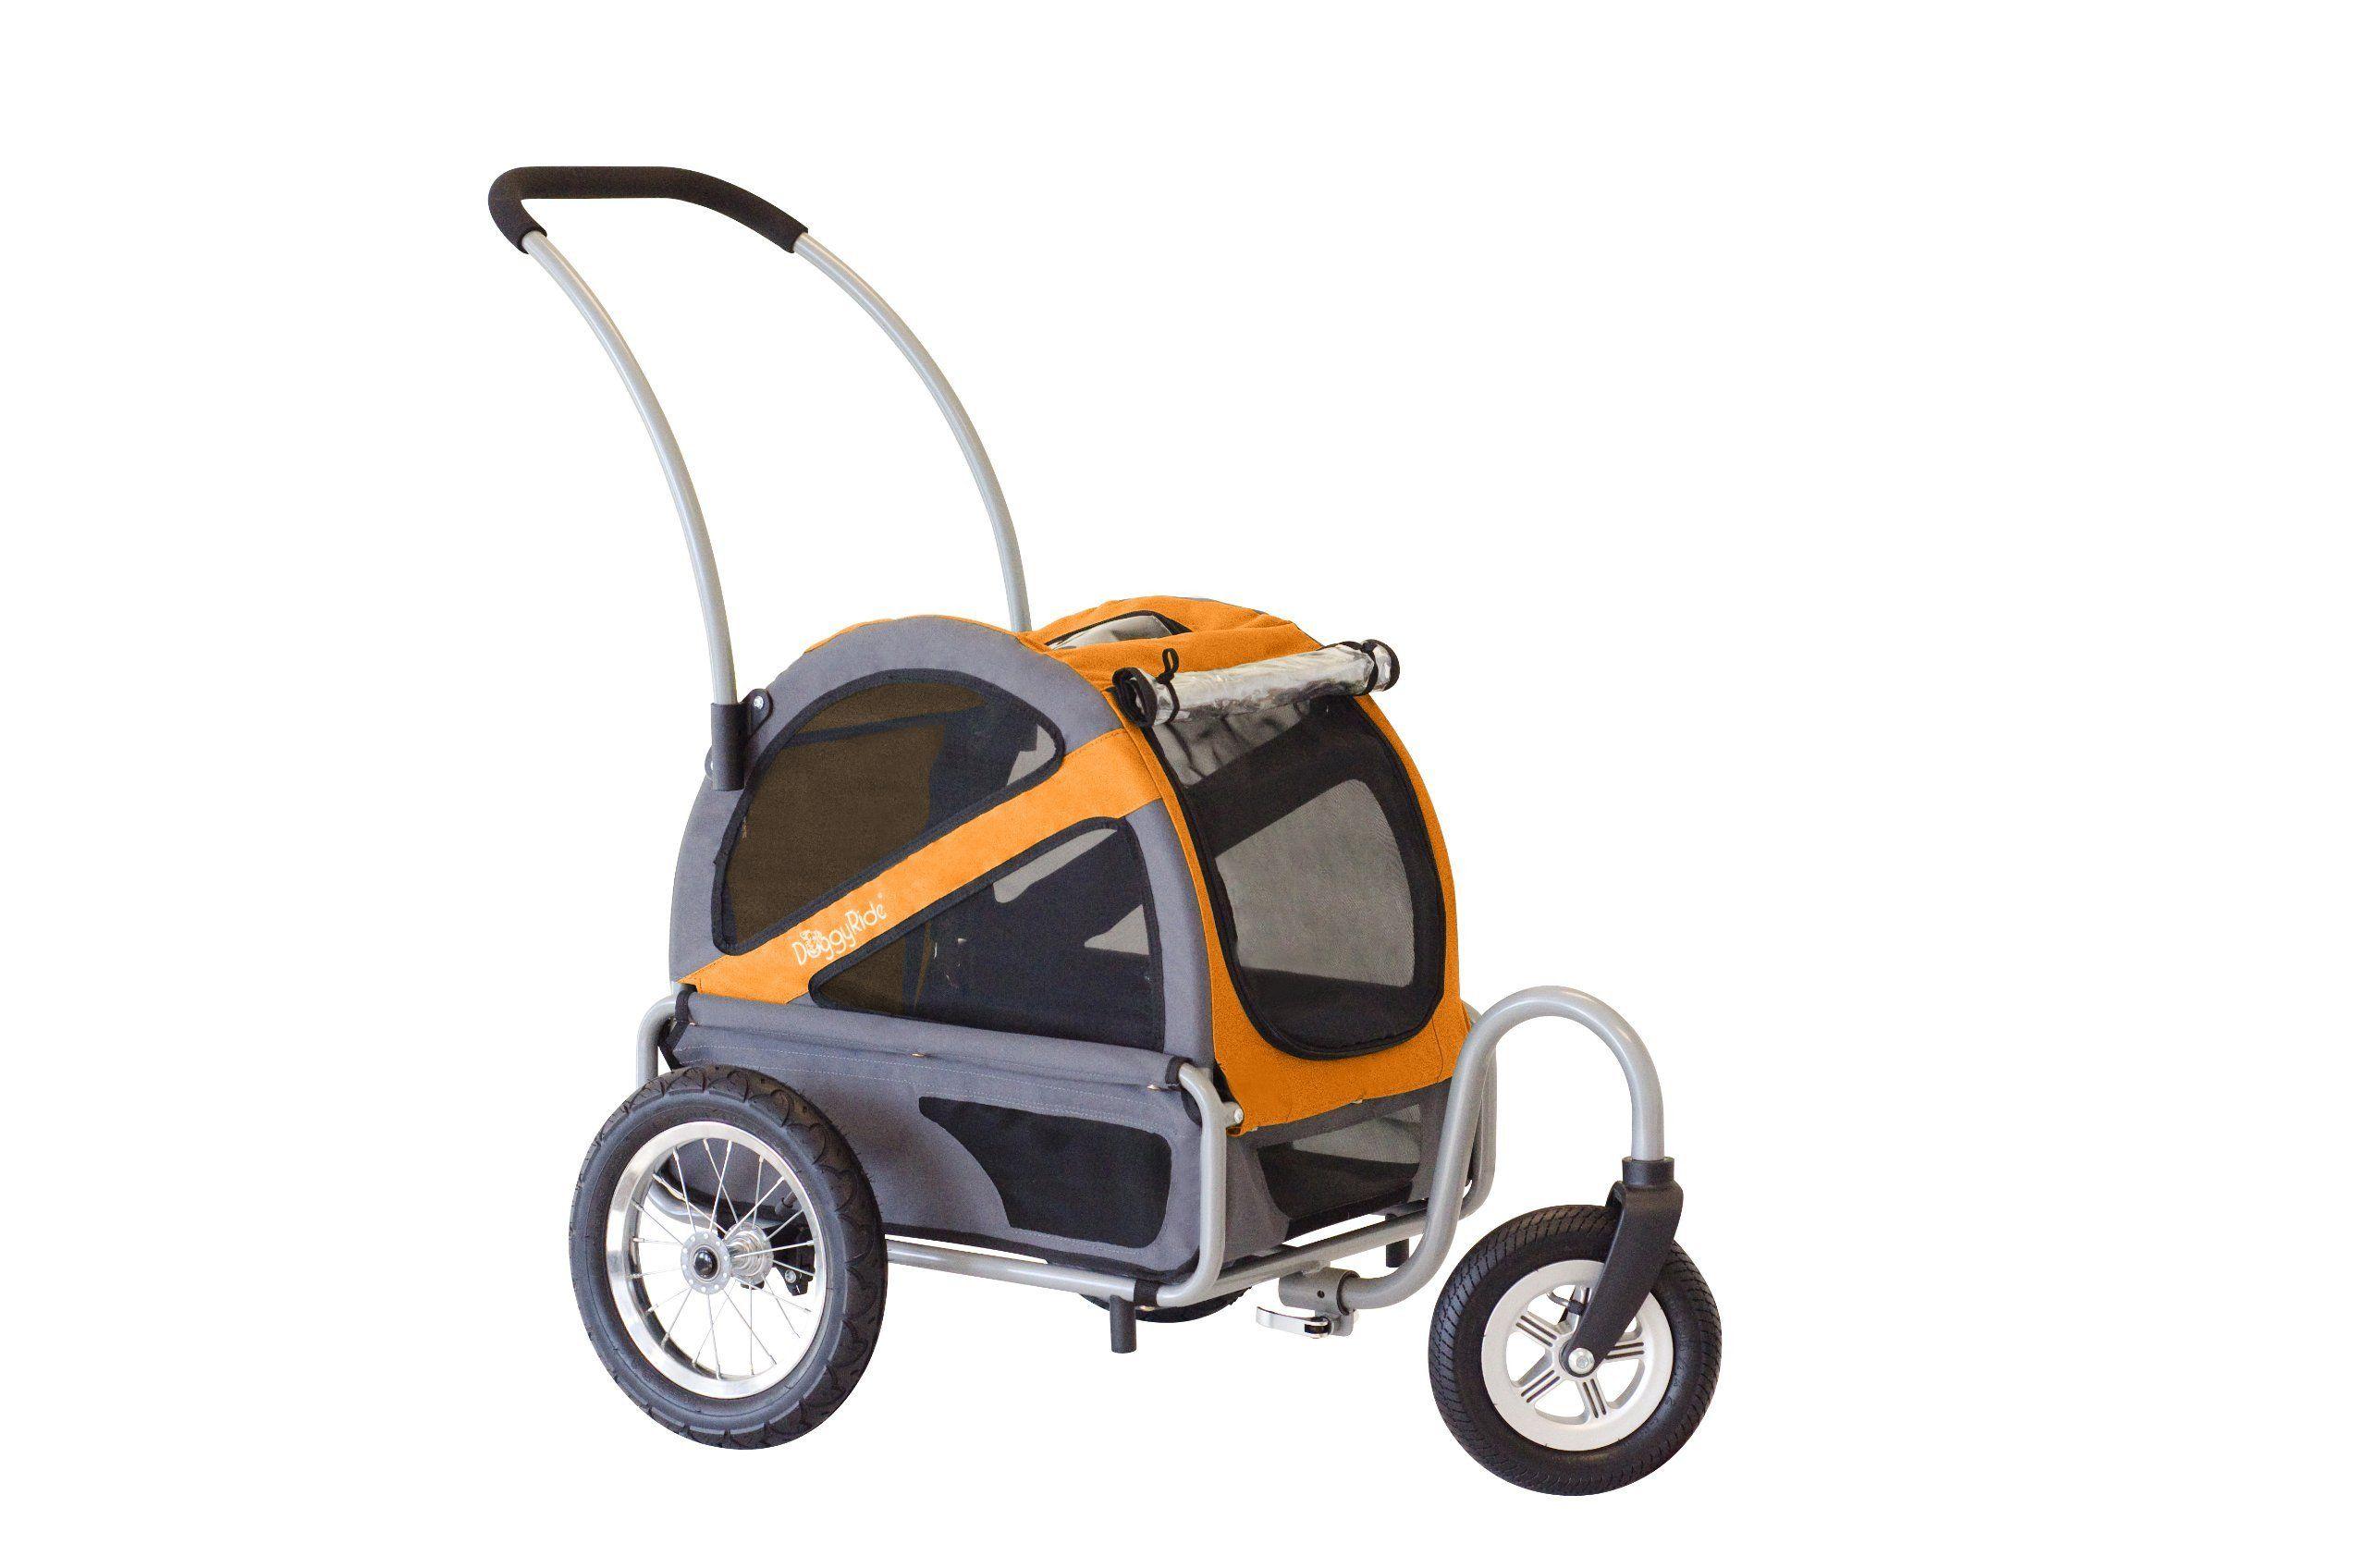 DoggyRide Dog Stroller, Mini, Dutch Orange/Grey Products